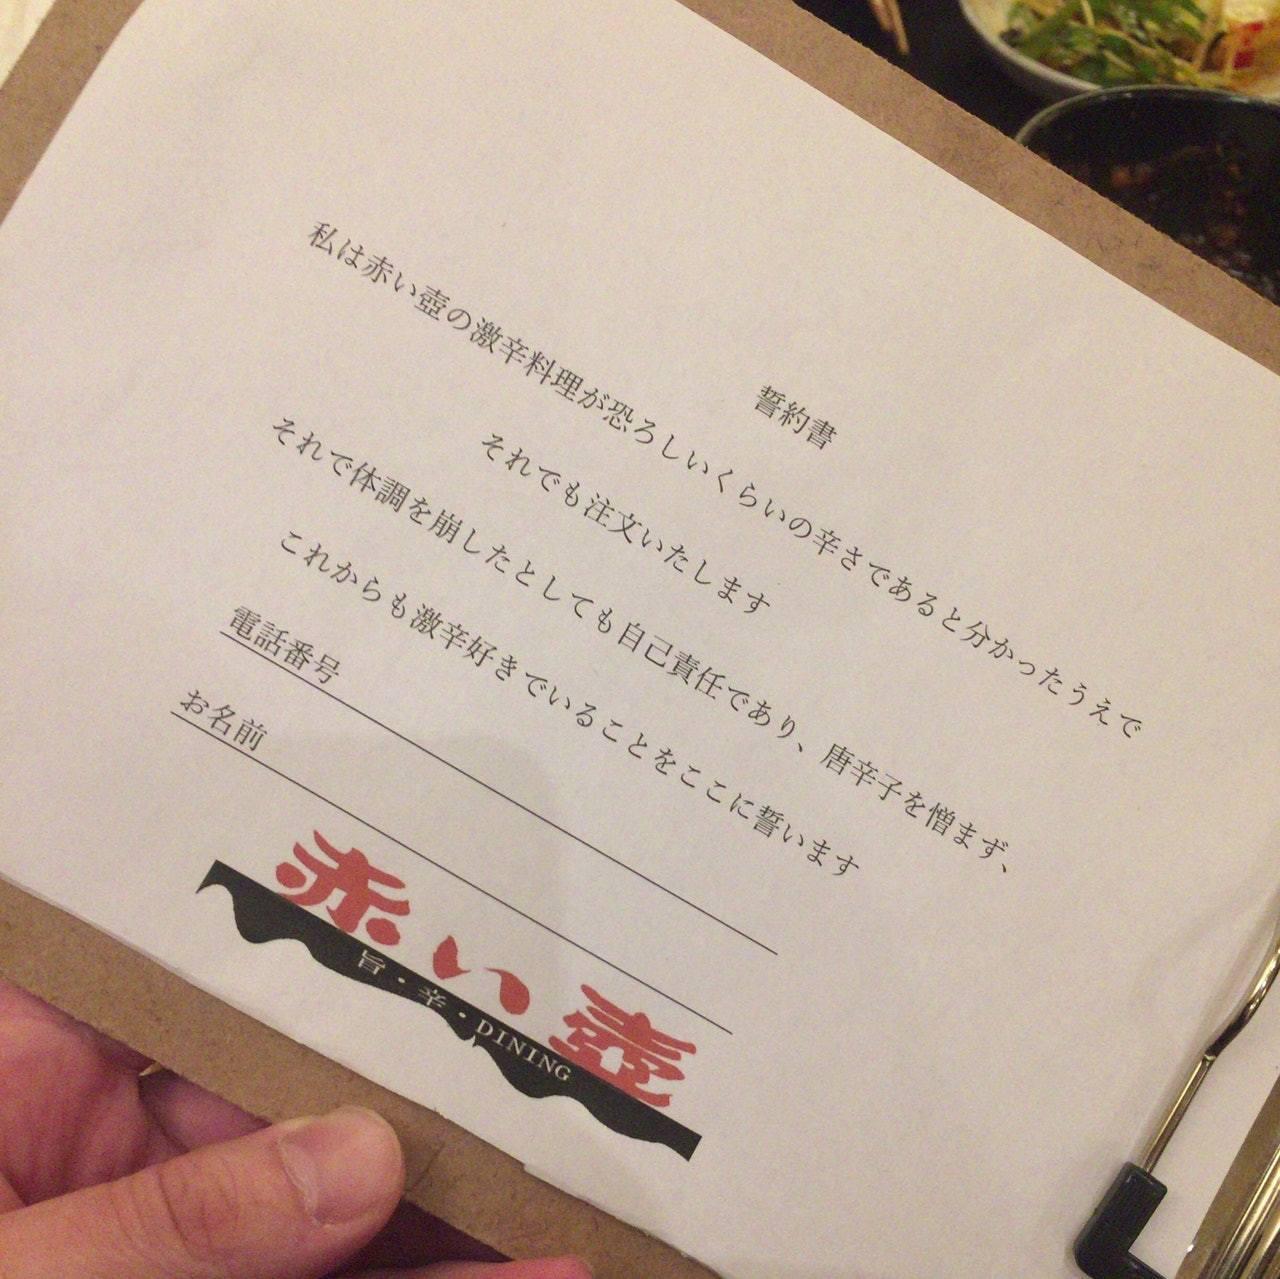 赤色壺要求顧客簽署的免責聲明書。 圖/香港01提供